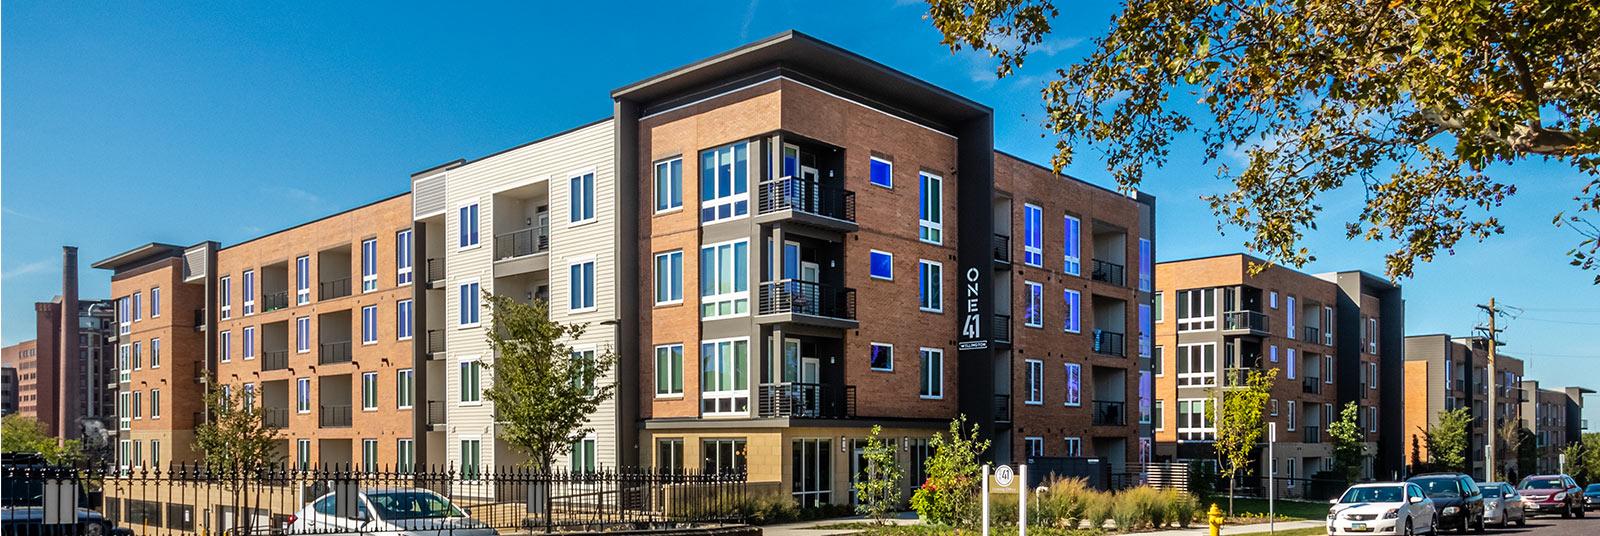 The One41 Wellington apartment complex in Cincinnati, Ohio.